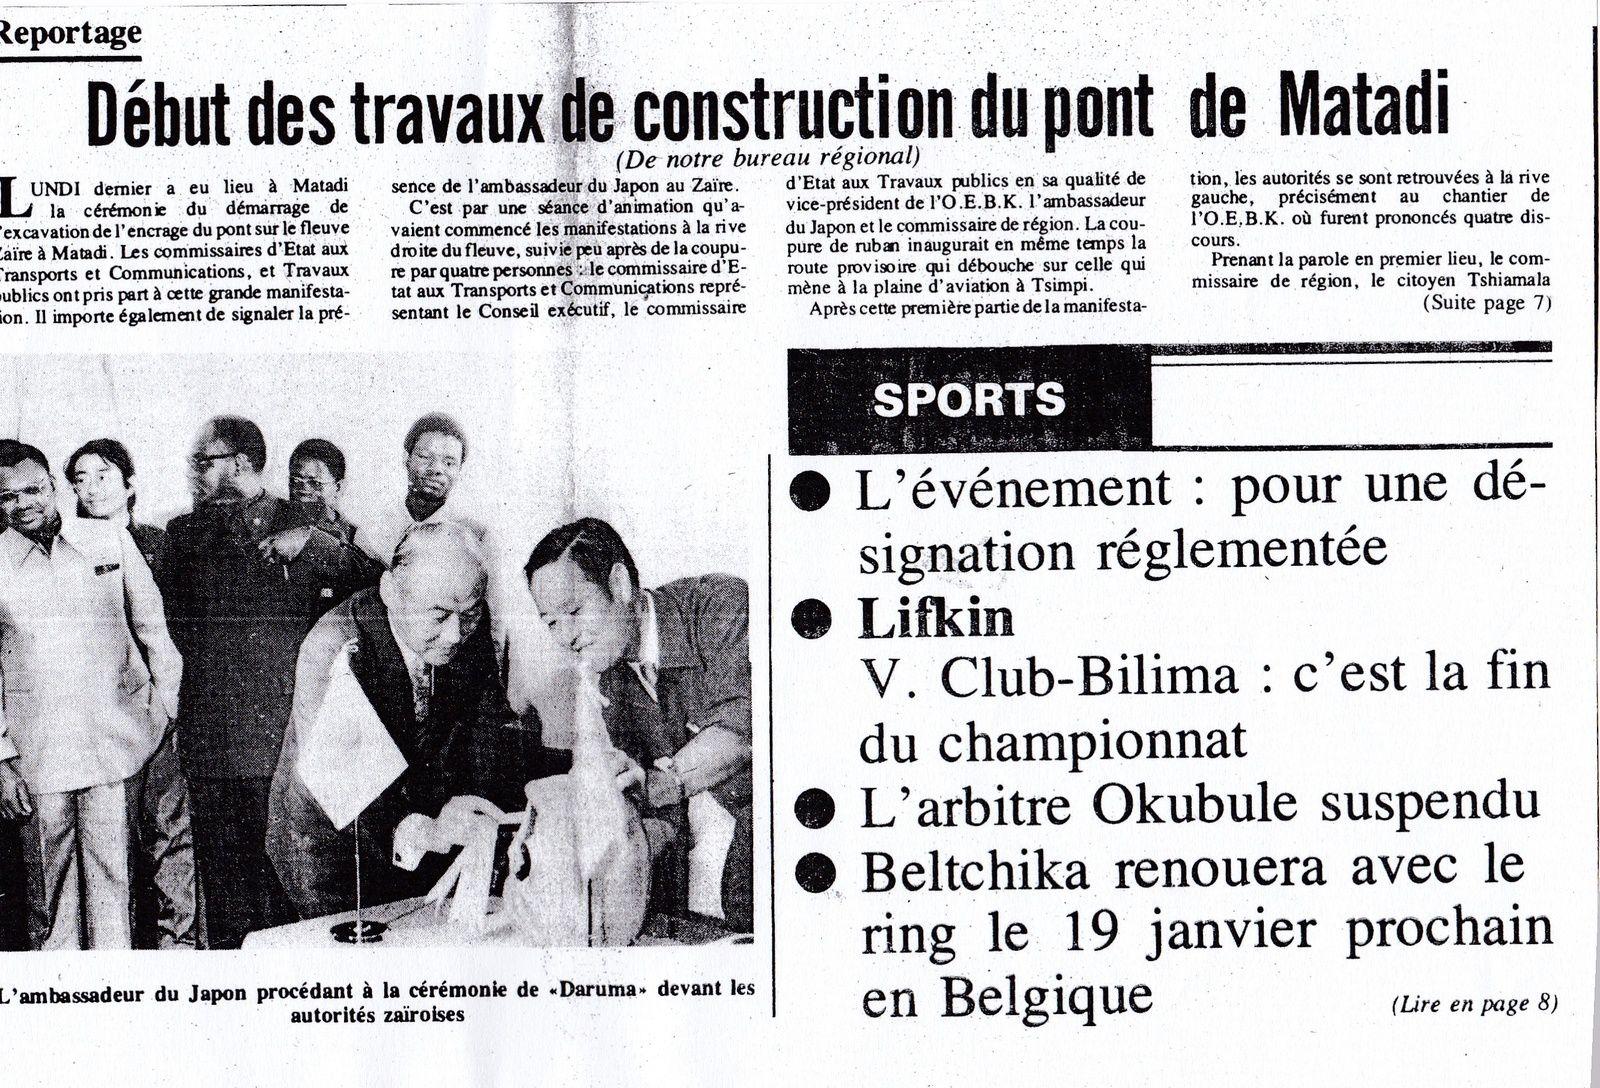 17 décembre 1979 : début des travaux de construction du Pont de Matadi (Maréchal Mobutu)